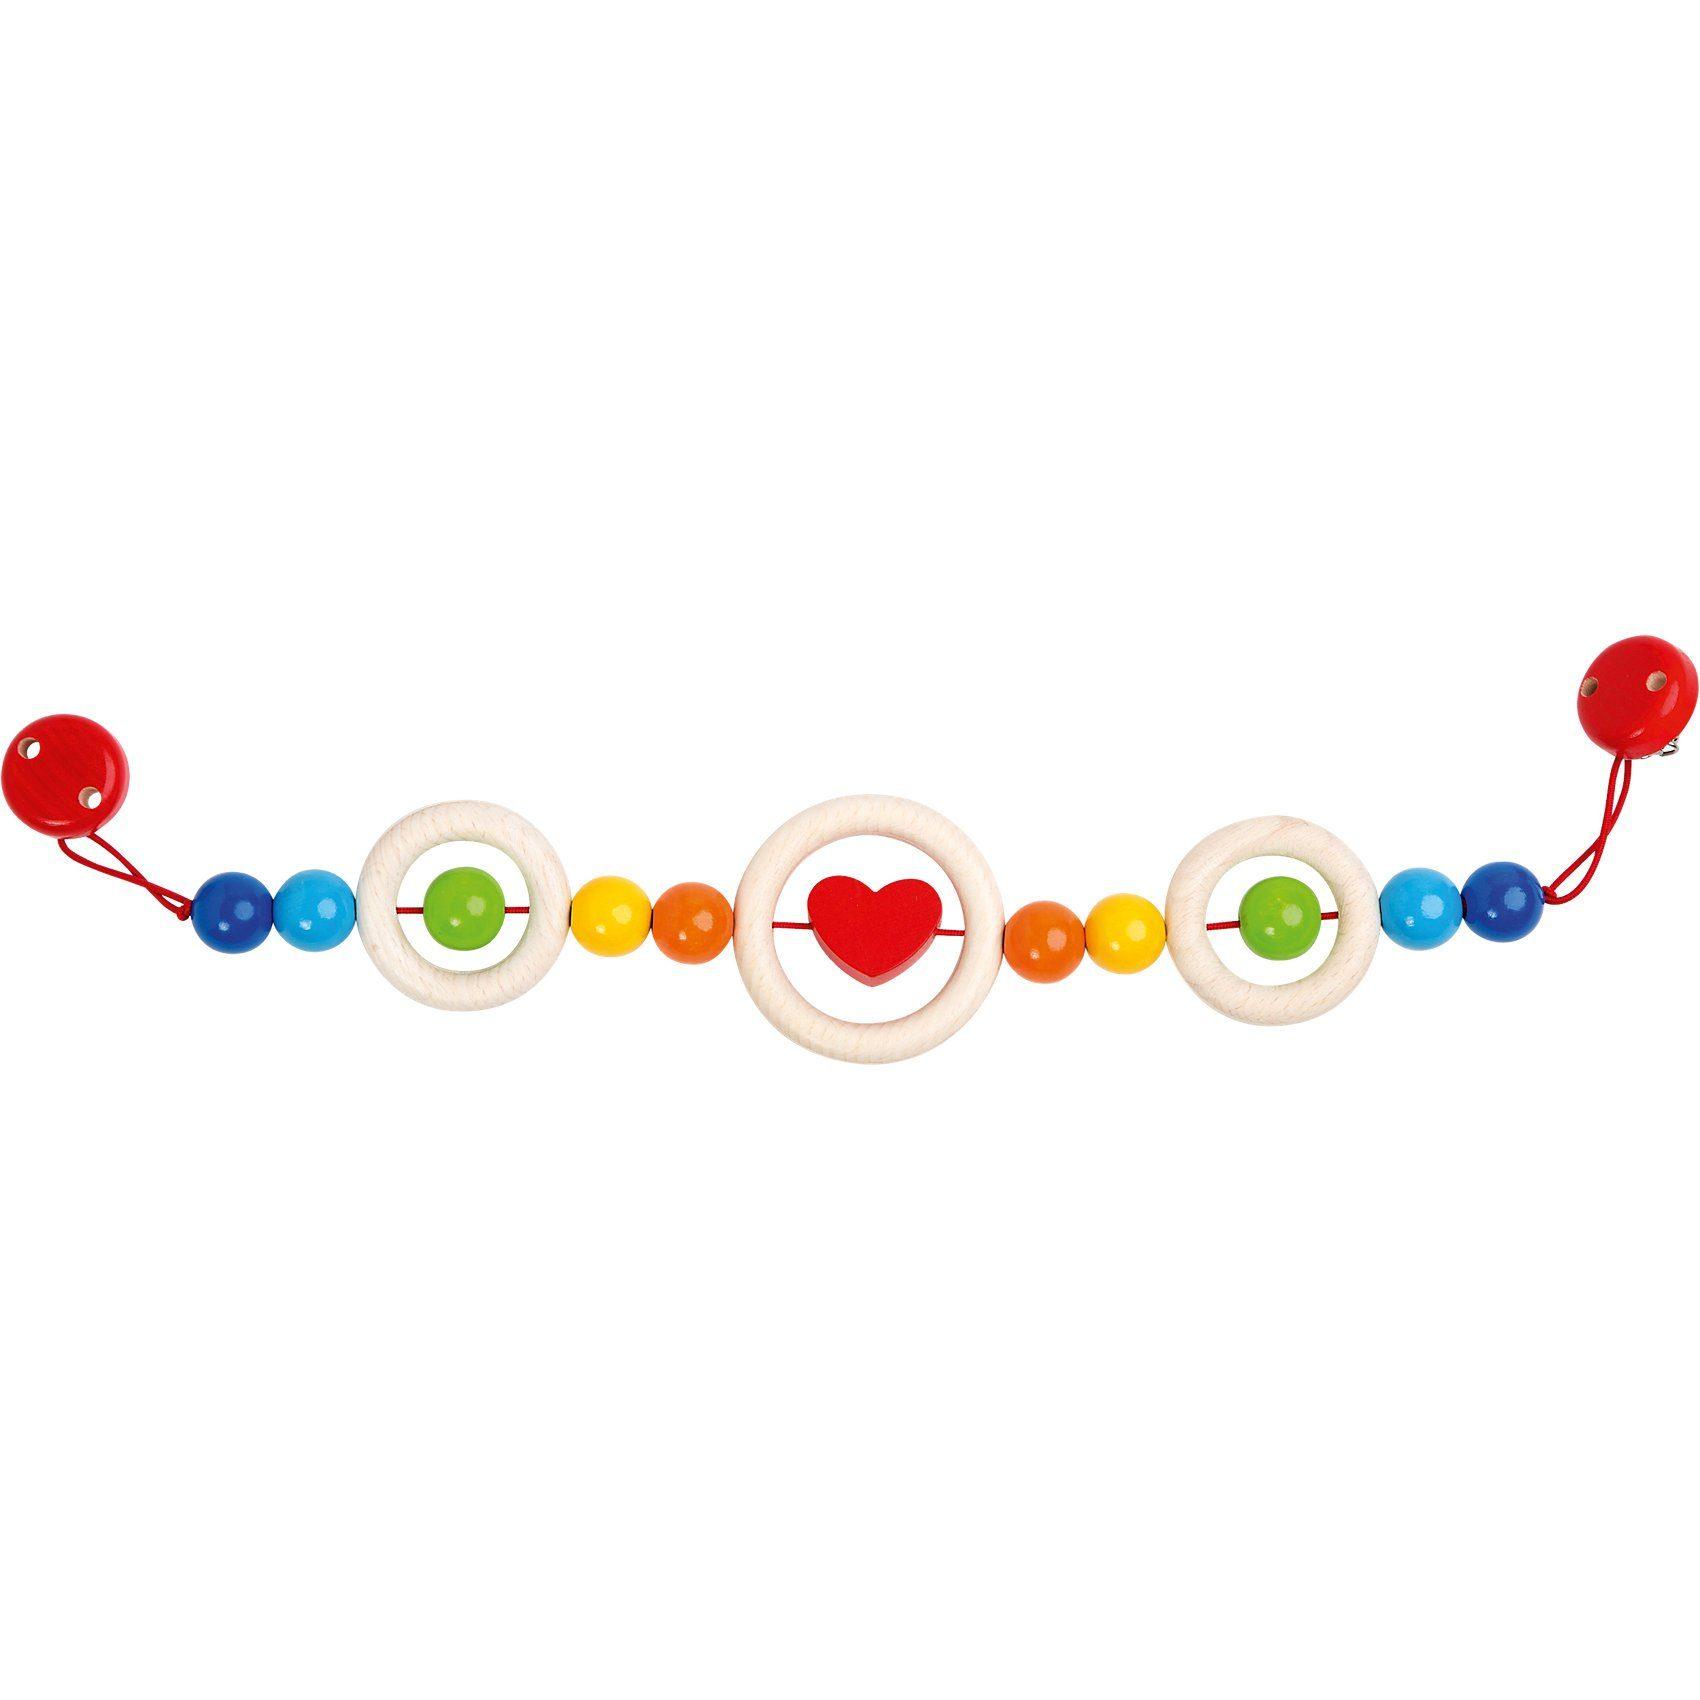 Rotho Babydesign Holz-Kinderwagenkette Regenbogen